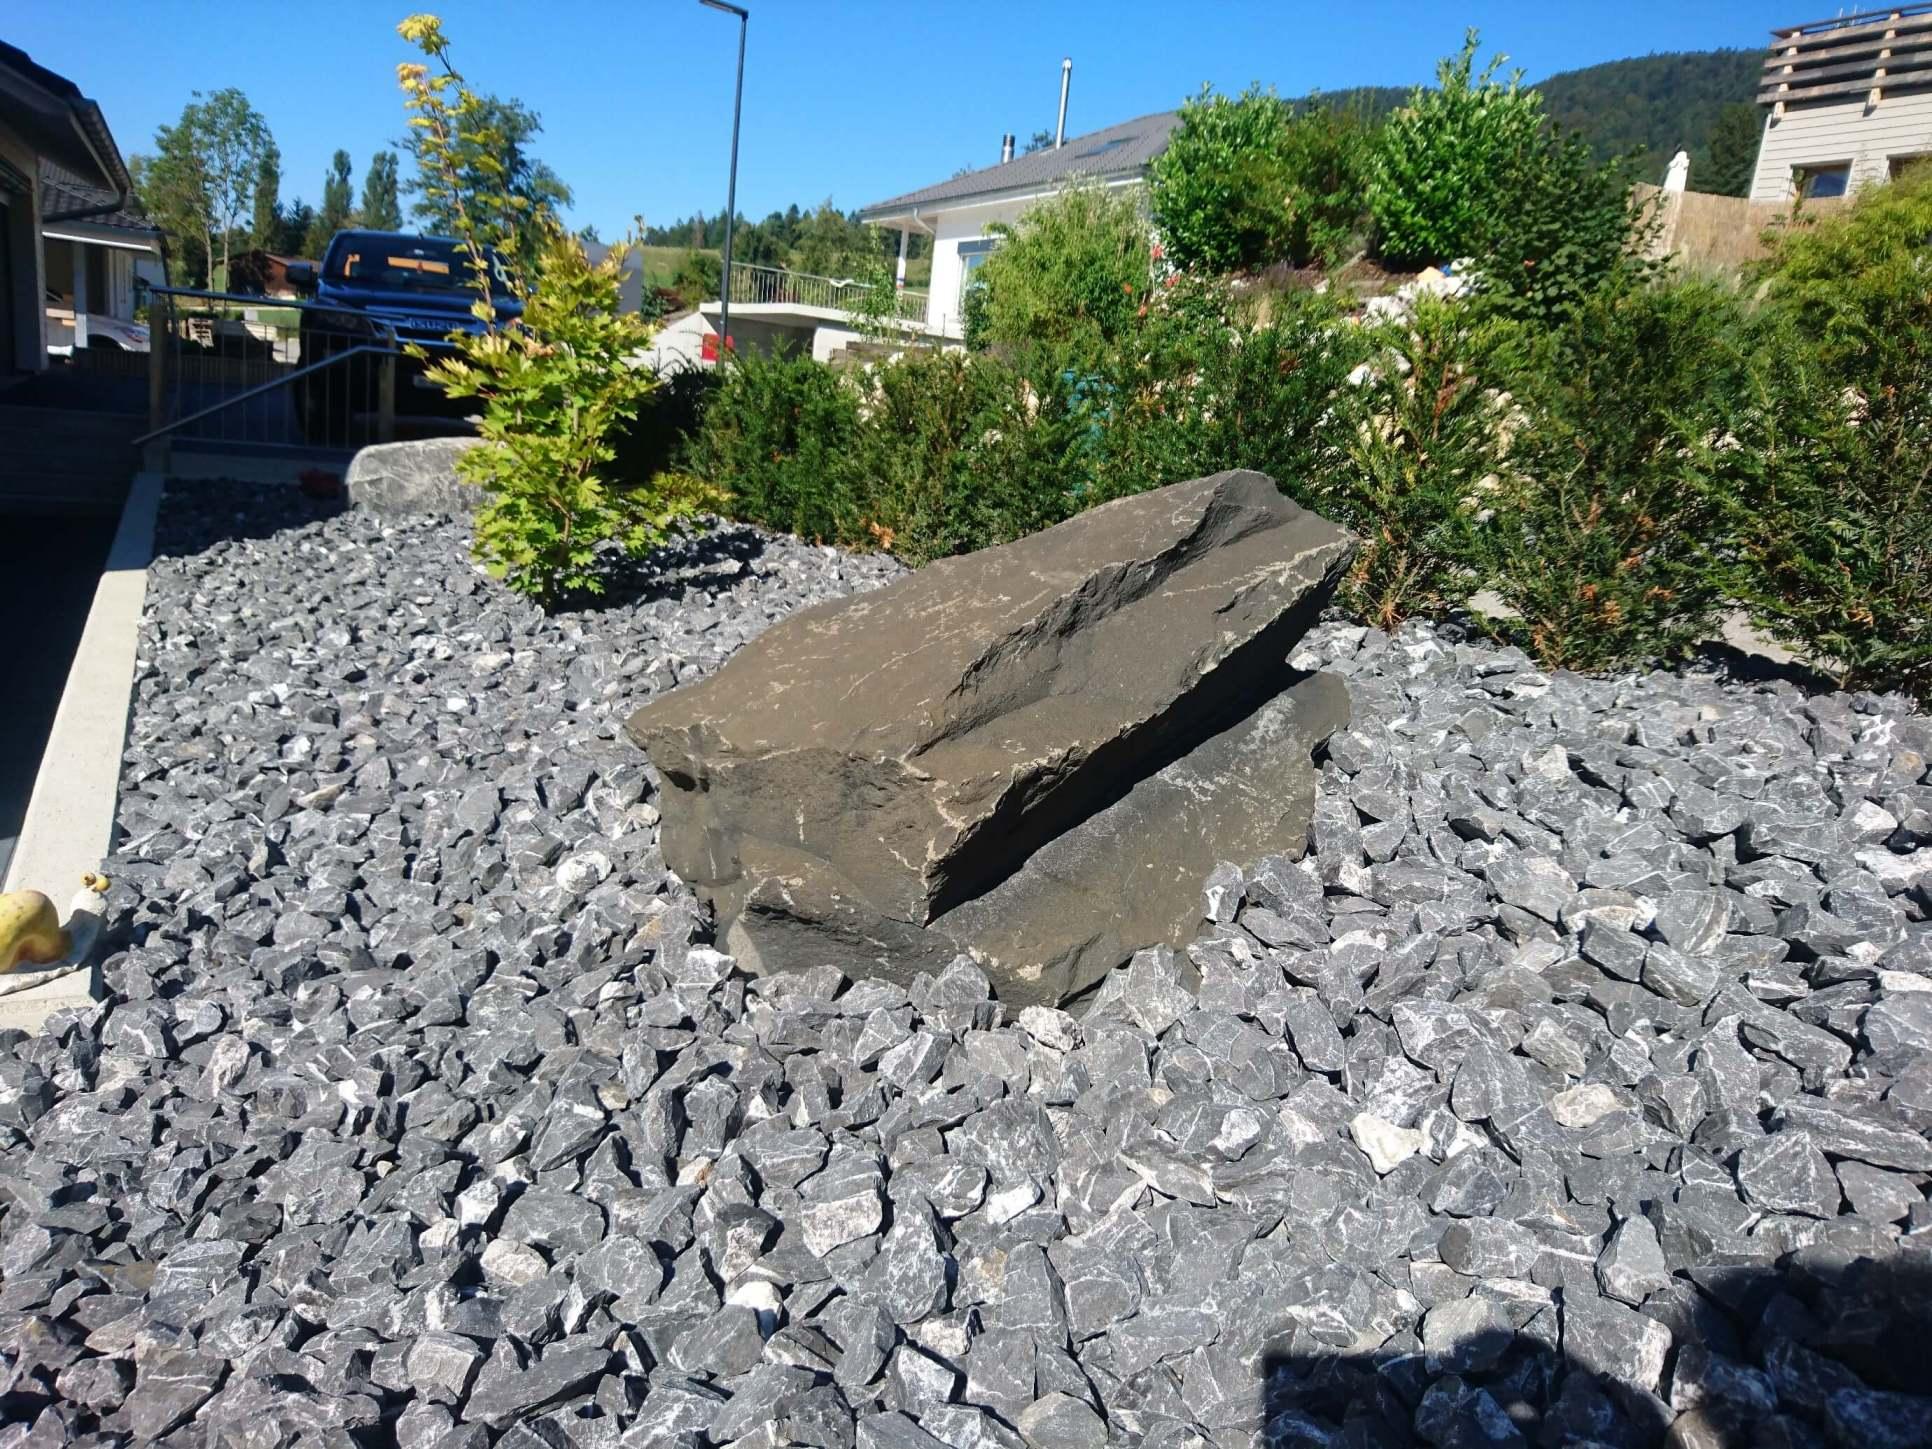 alig paysages aellig pavés revetements de sol granit calcaire bois ceramique plaques naturelles (4)